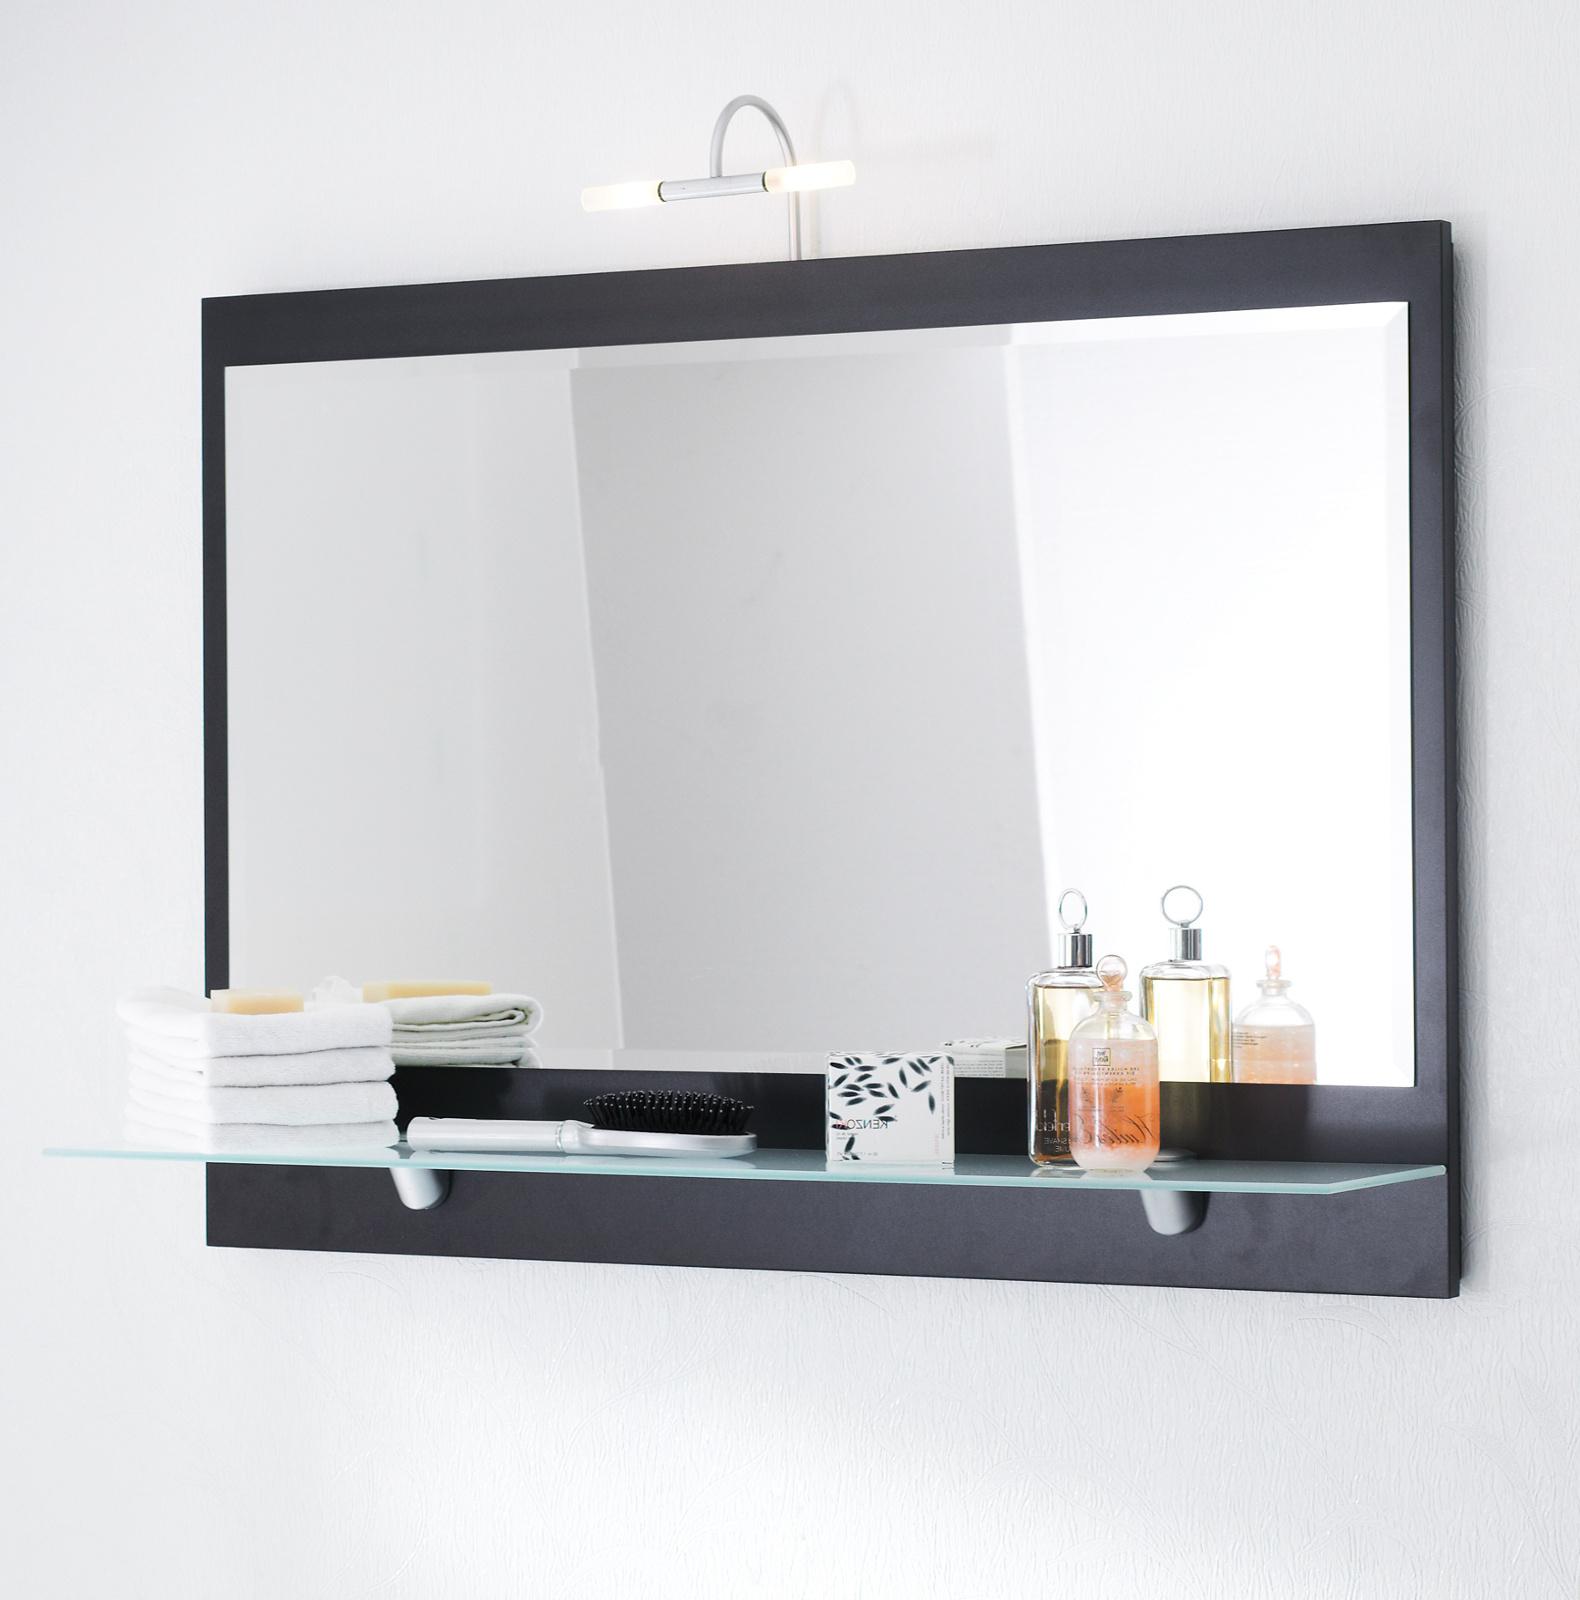 Badezimmer Spiegel Heron In Anthrazit Mit Ablage Und Inkl Led Aufbauleuchte Badspiegel 90 X 68 Cm Laonda